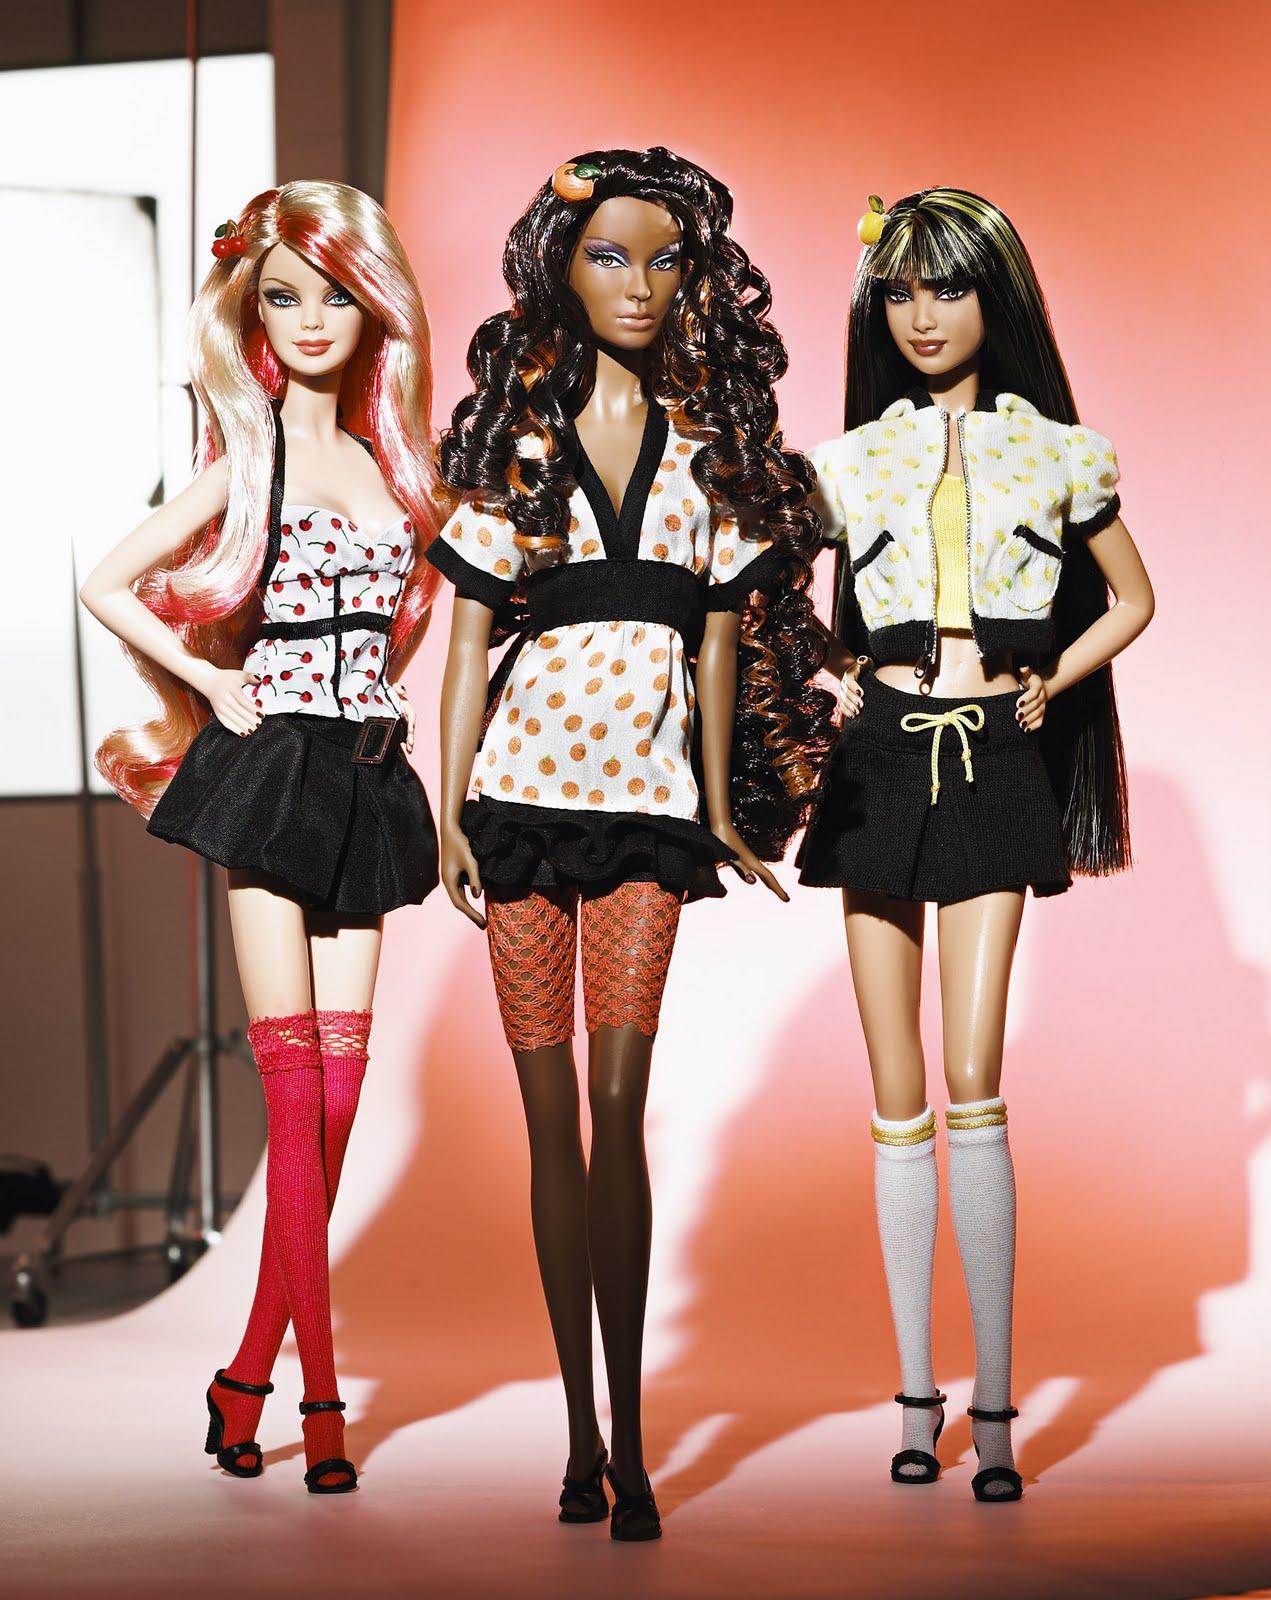 Barbie Topmodel